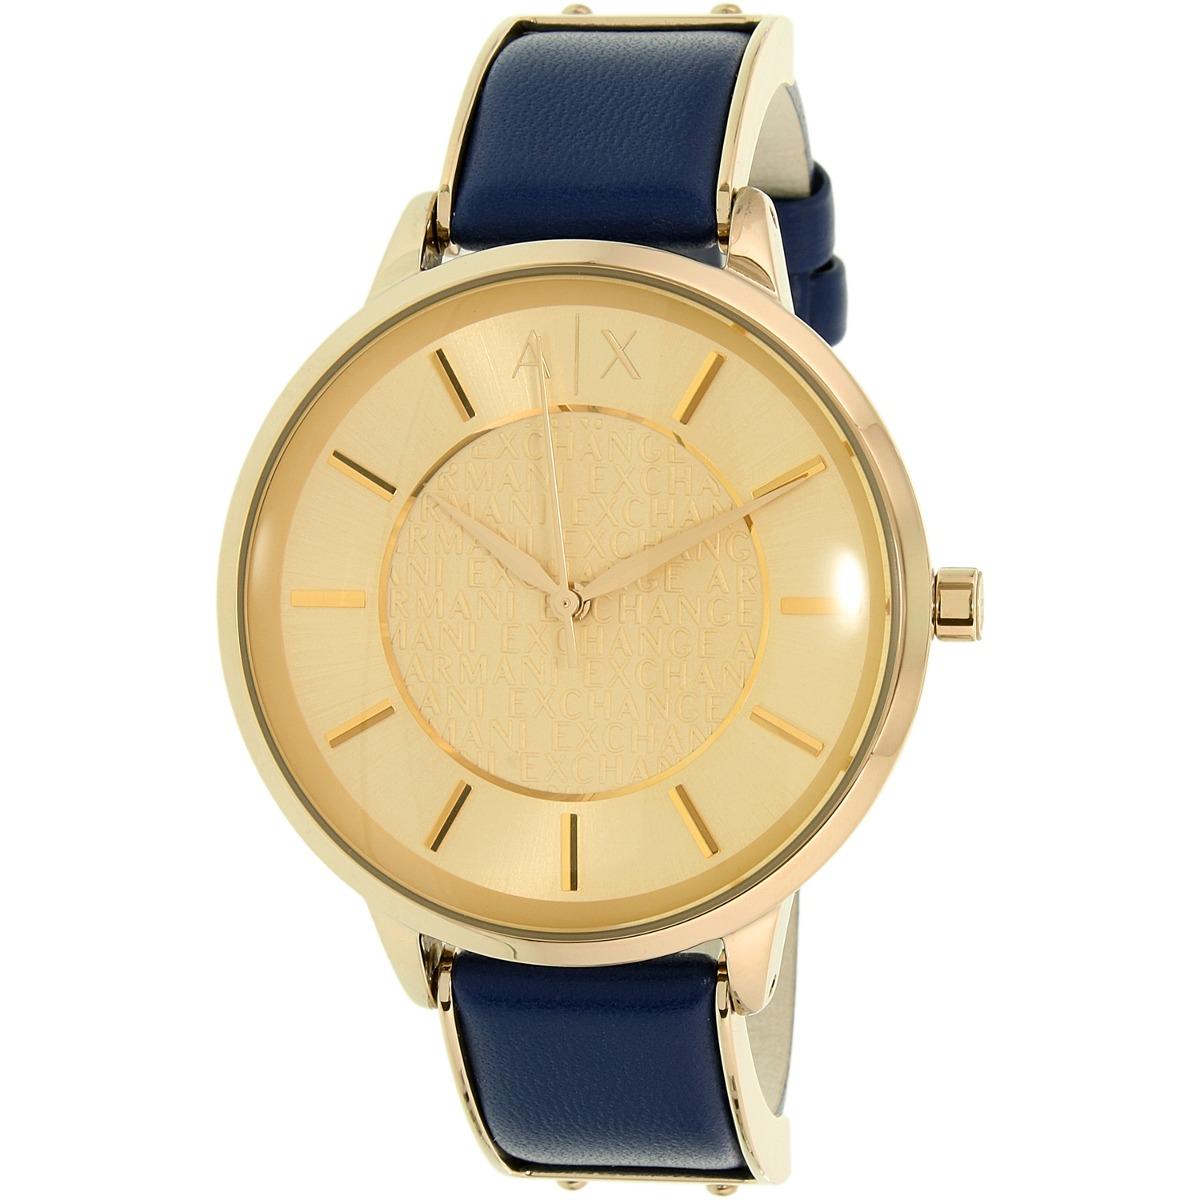 fc6457931f8a Reloj Armani Exchange Para Mujer Ax5312 Con Correa De Cuero ...